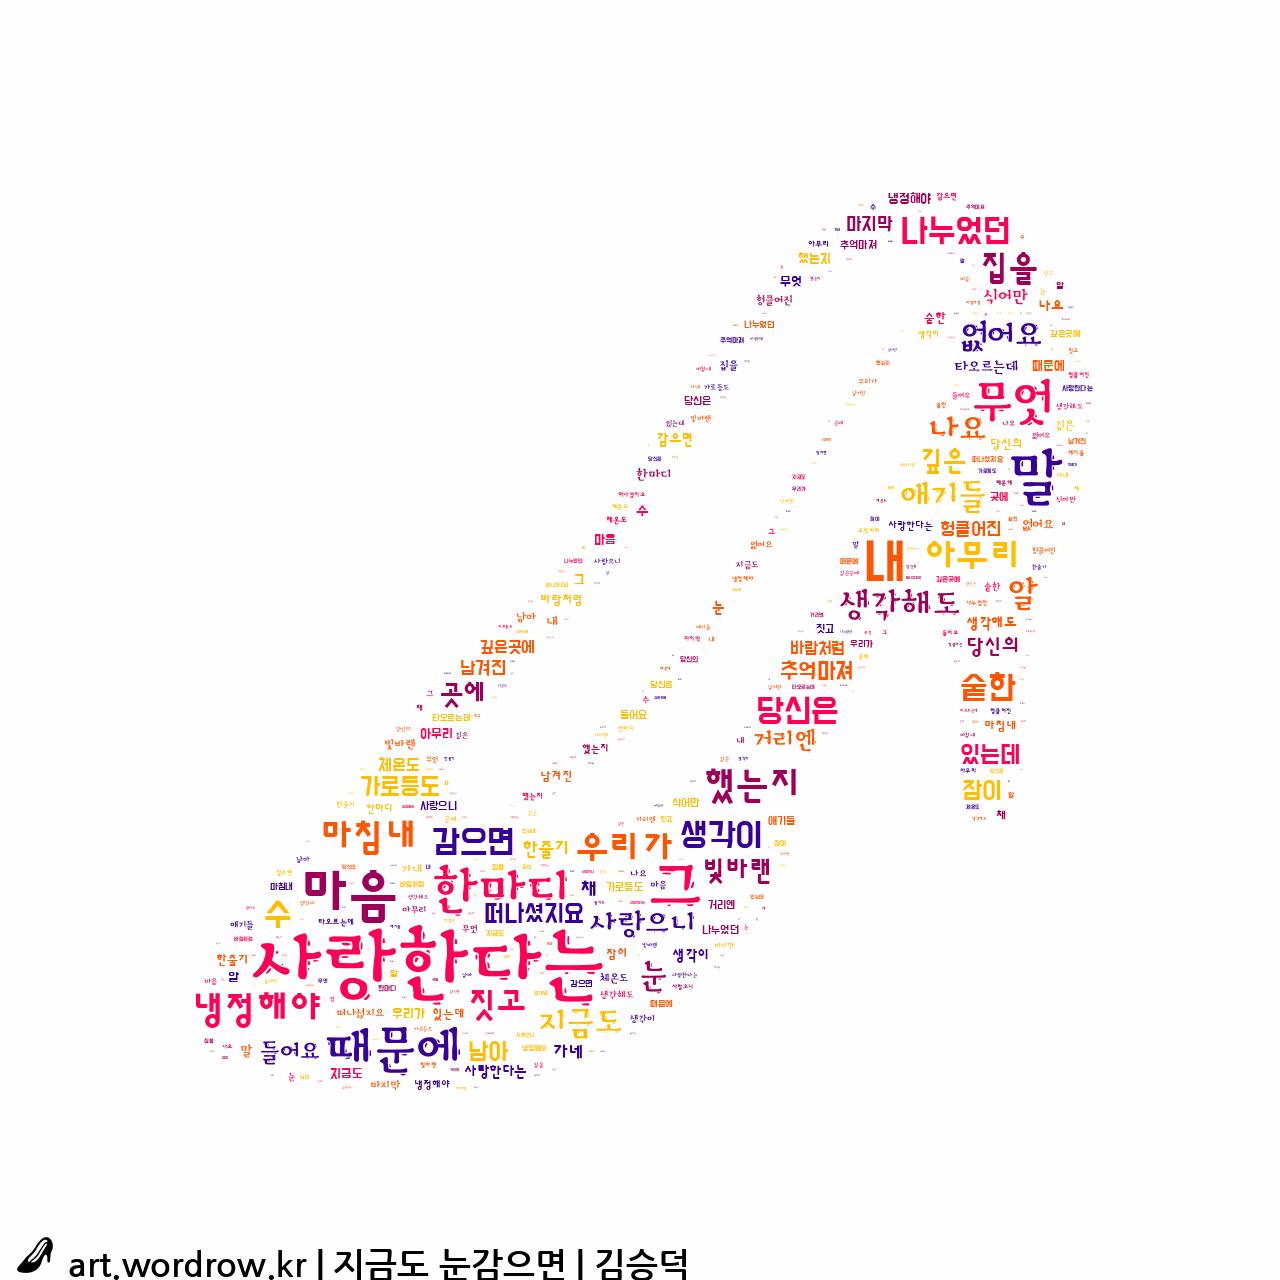 워드 클라우드: 지금도 눈감으면 [김승덕]-23